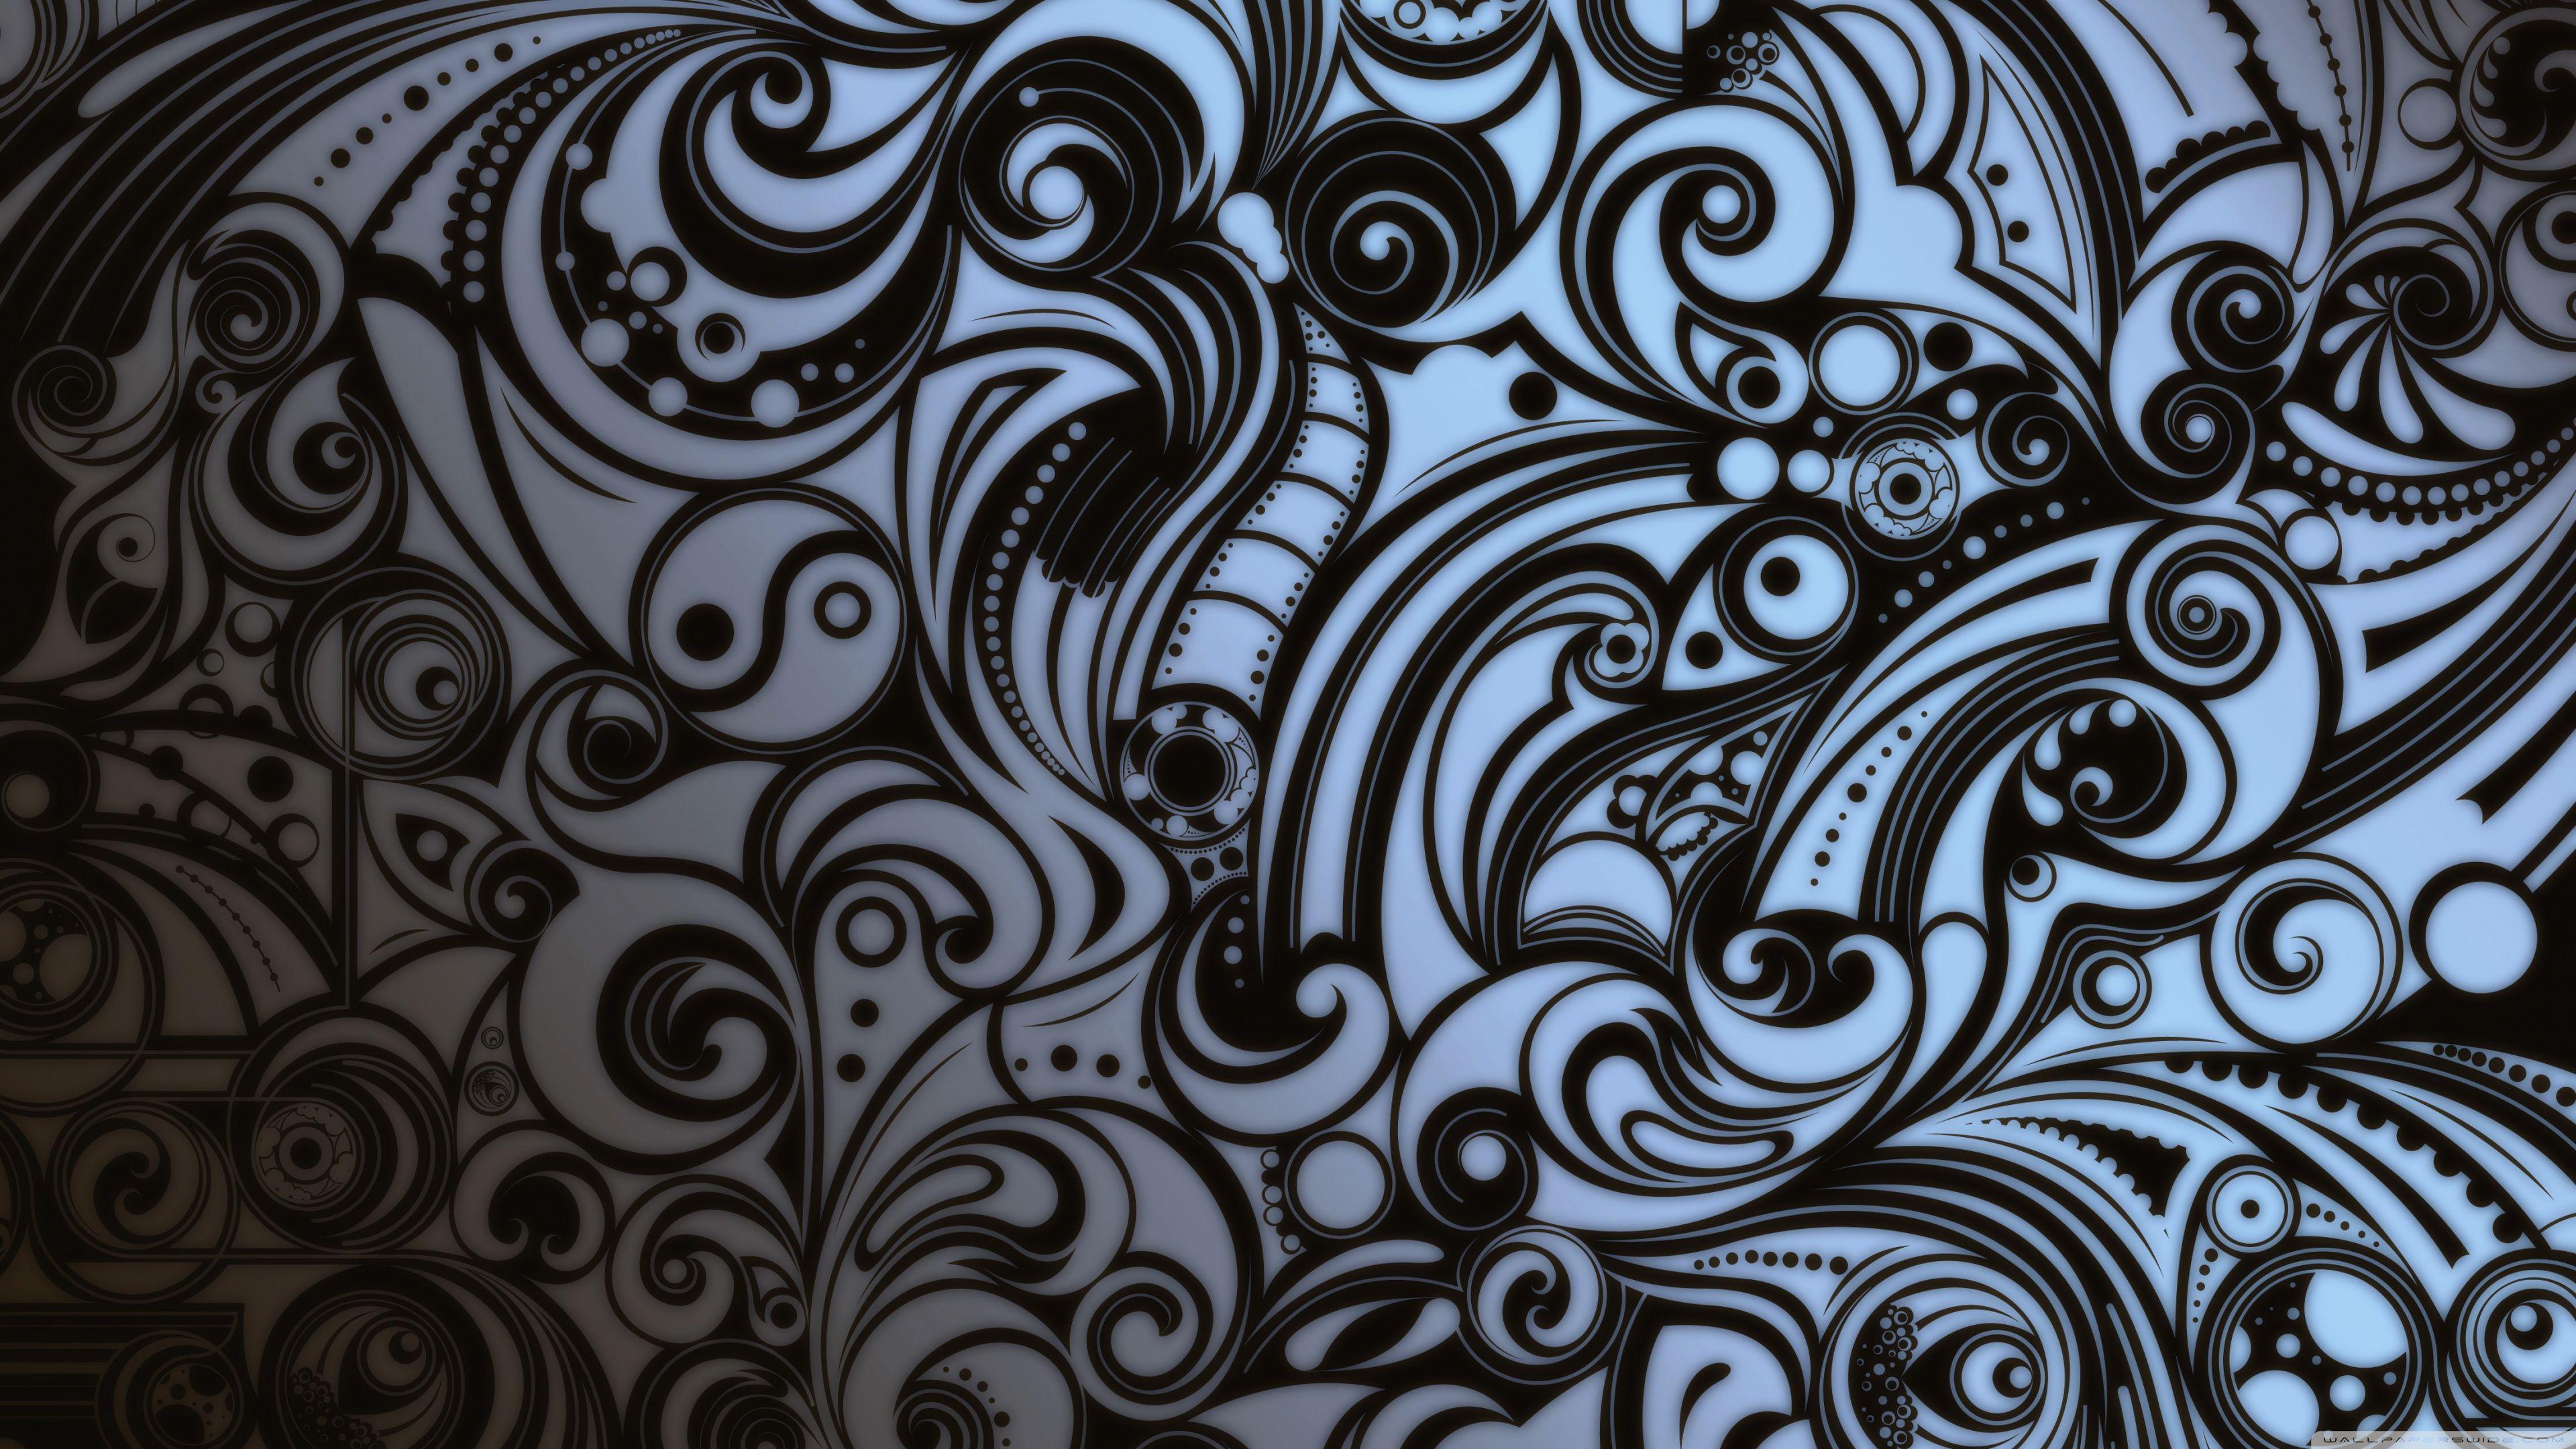 used furniture for decorating design in dubai blogs workanyware co rh blogs workanyware co uk